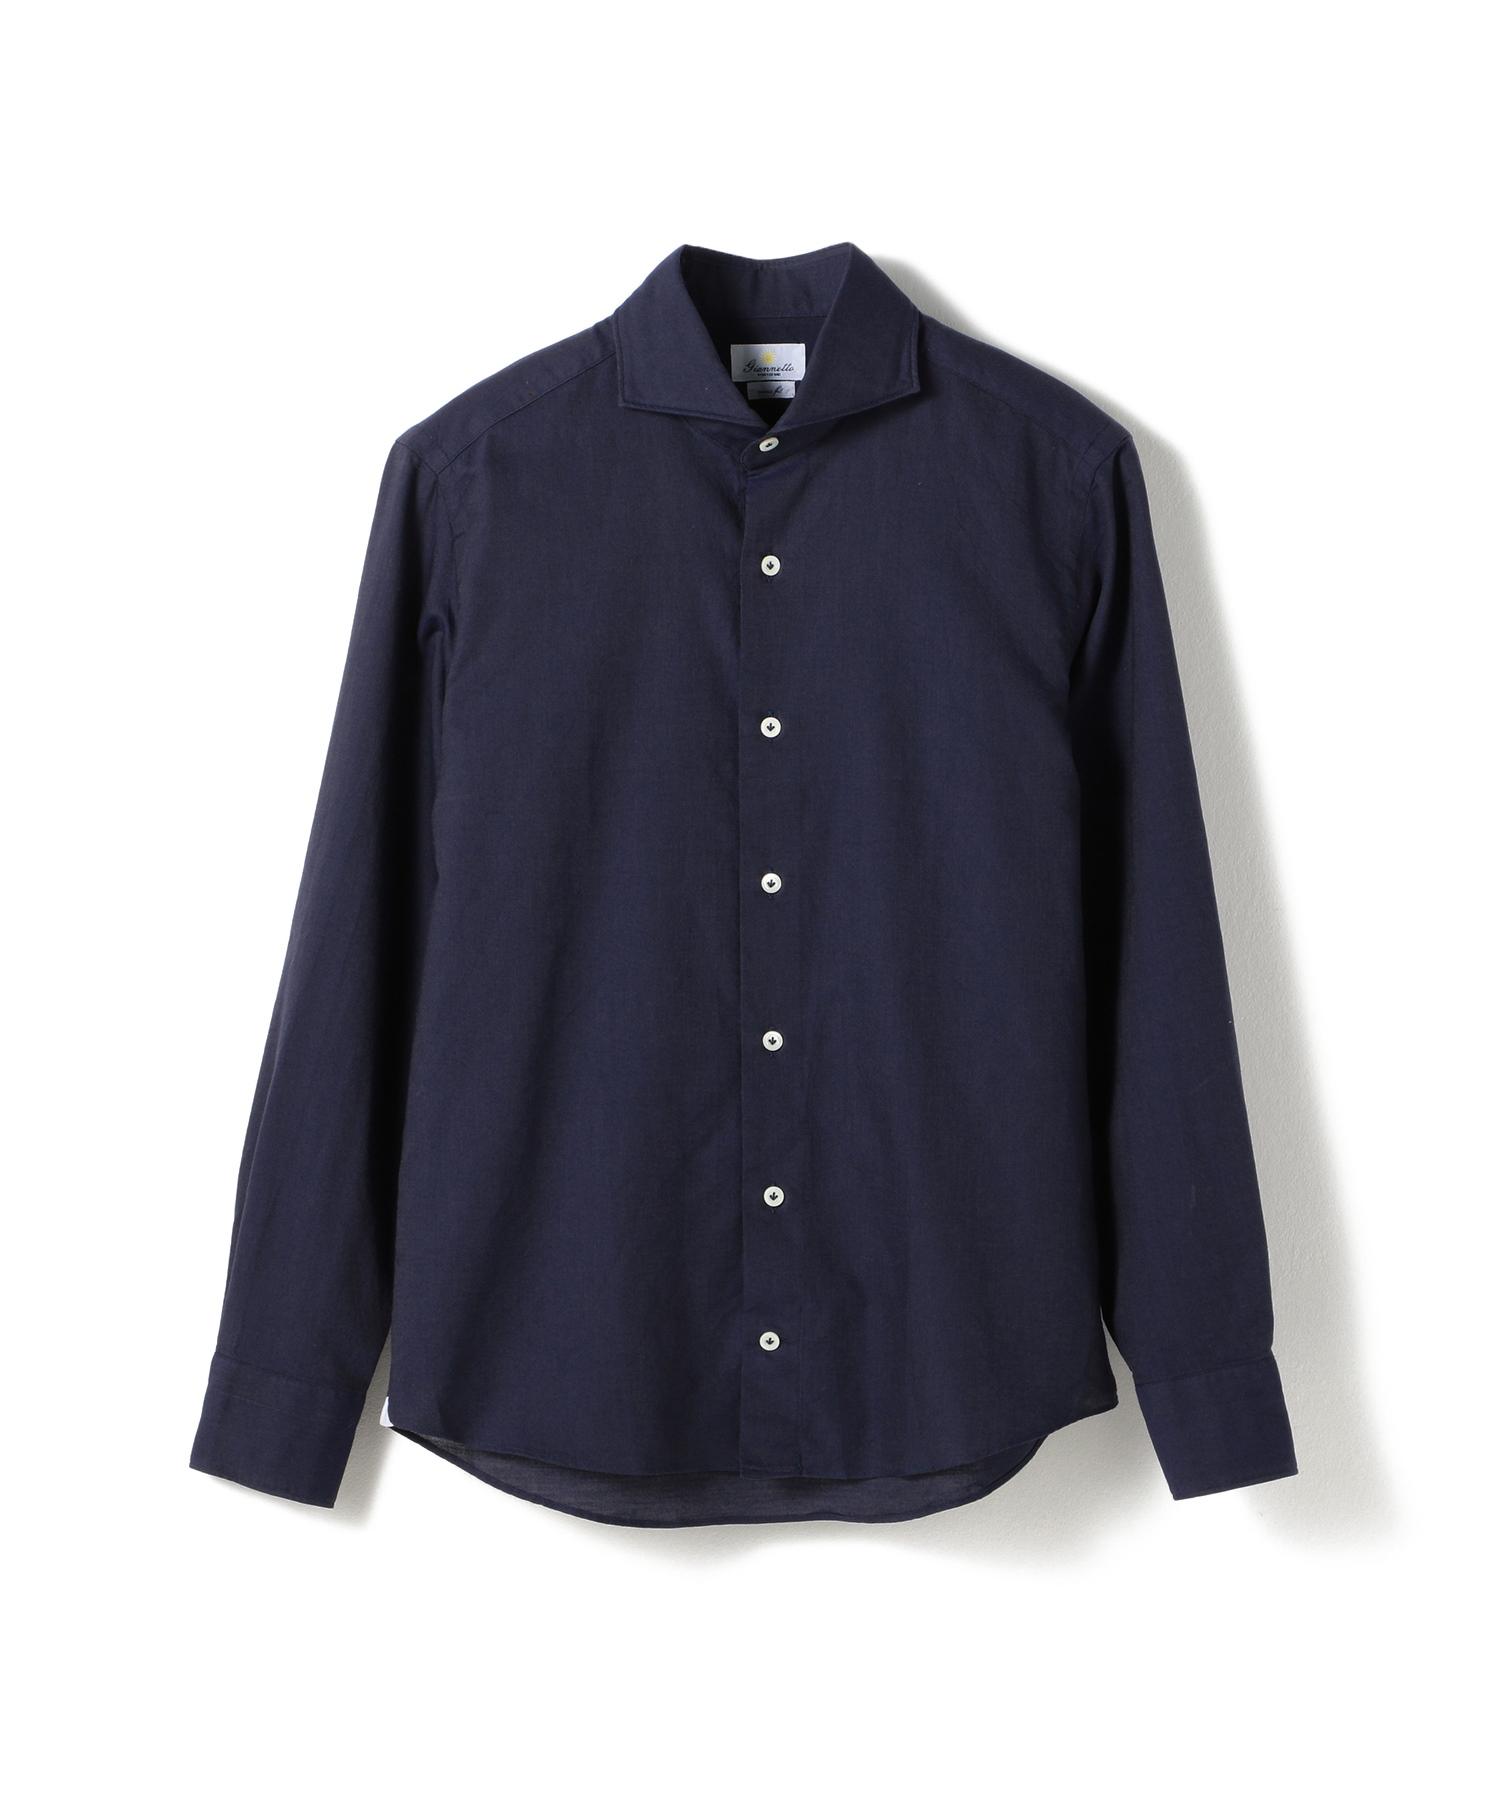 GIANNETTO / オックスフォードシャツ